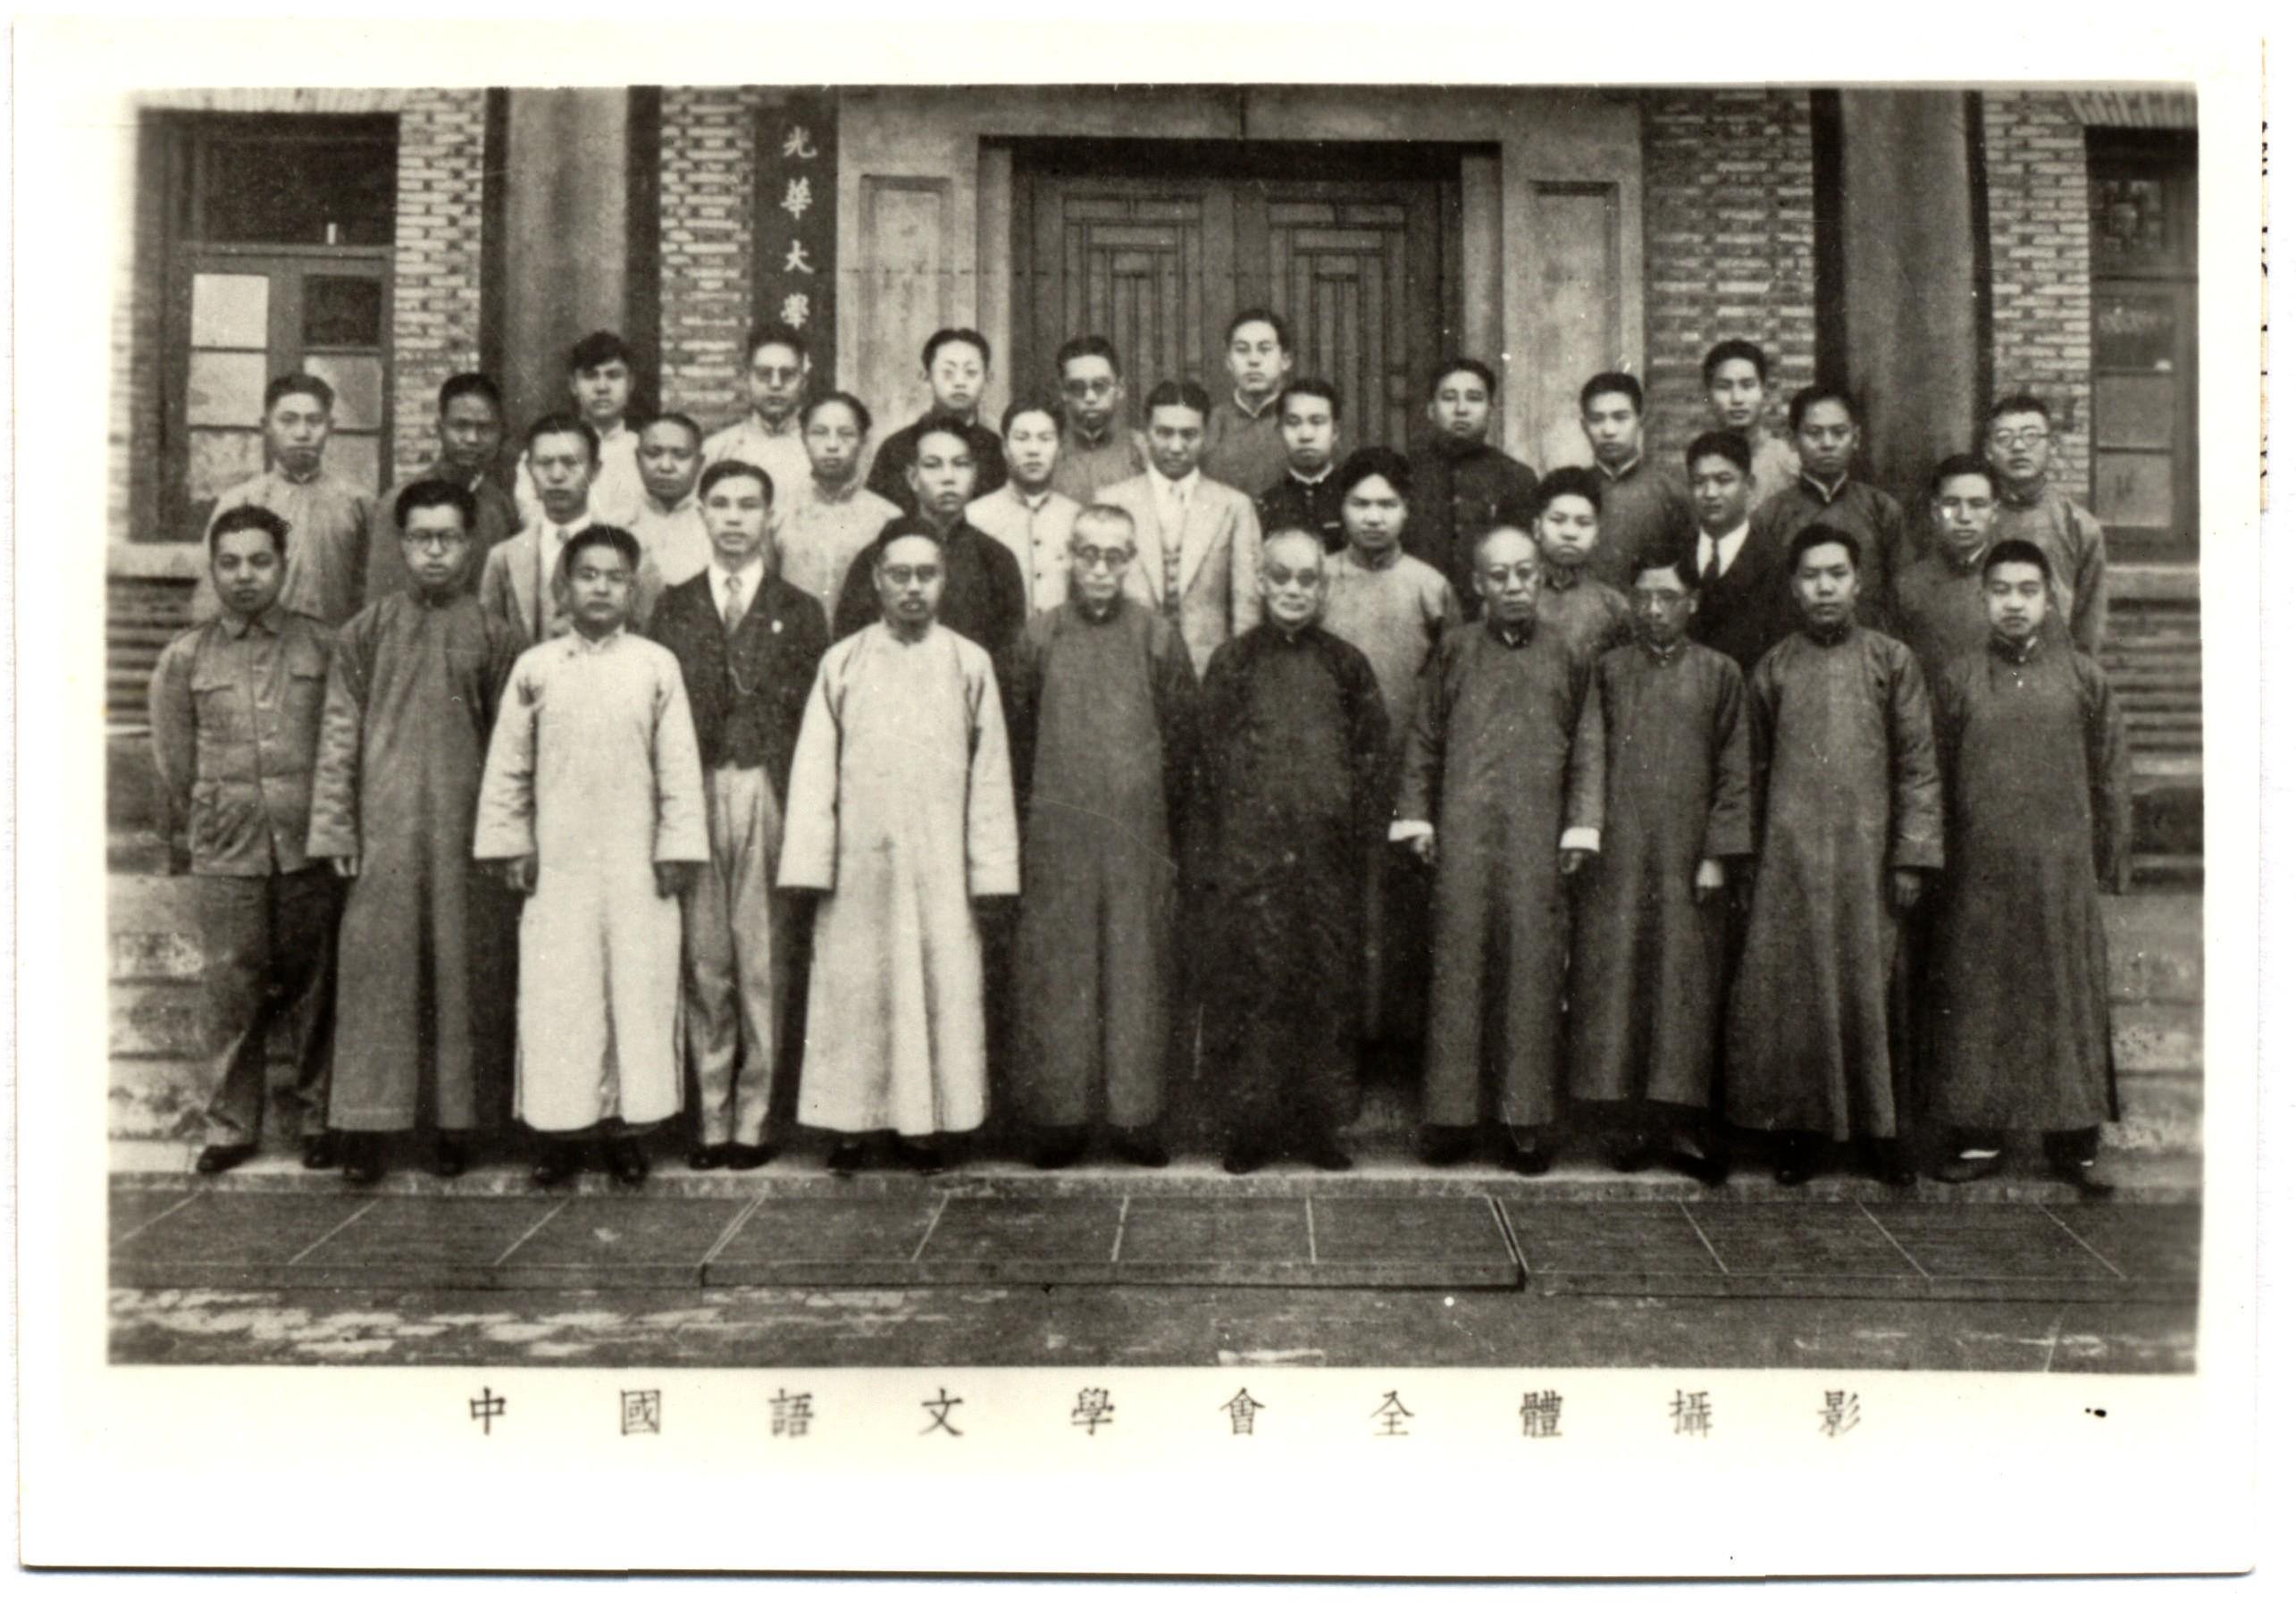 1935年,光华大学学术课外学术研究组织中国语文学会全体师生在上海大西路光华大学校内合影。前排右四:吕思勉;右五:张寿镛;右六:蒋维乔;右七:钱基博